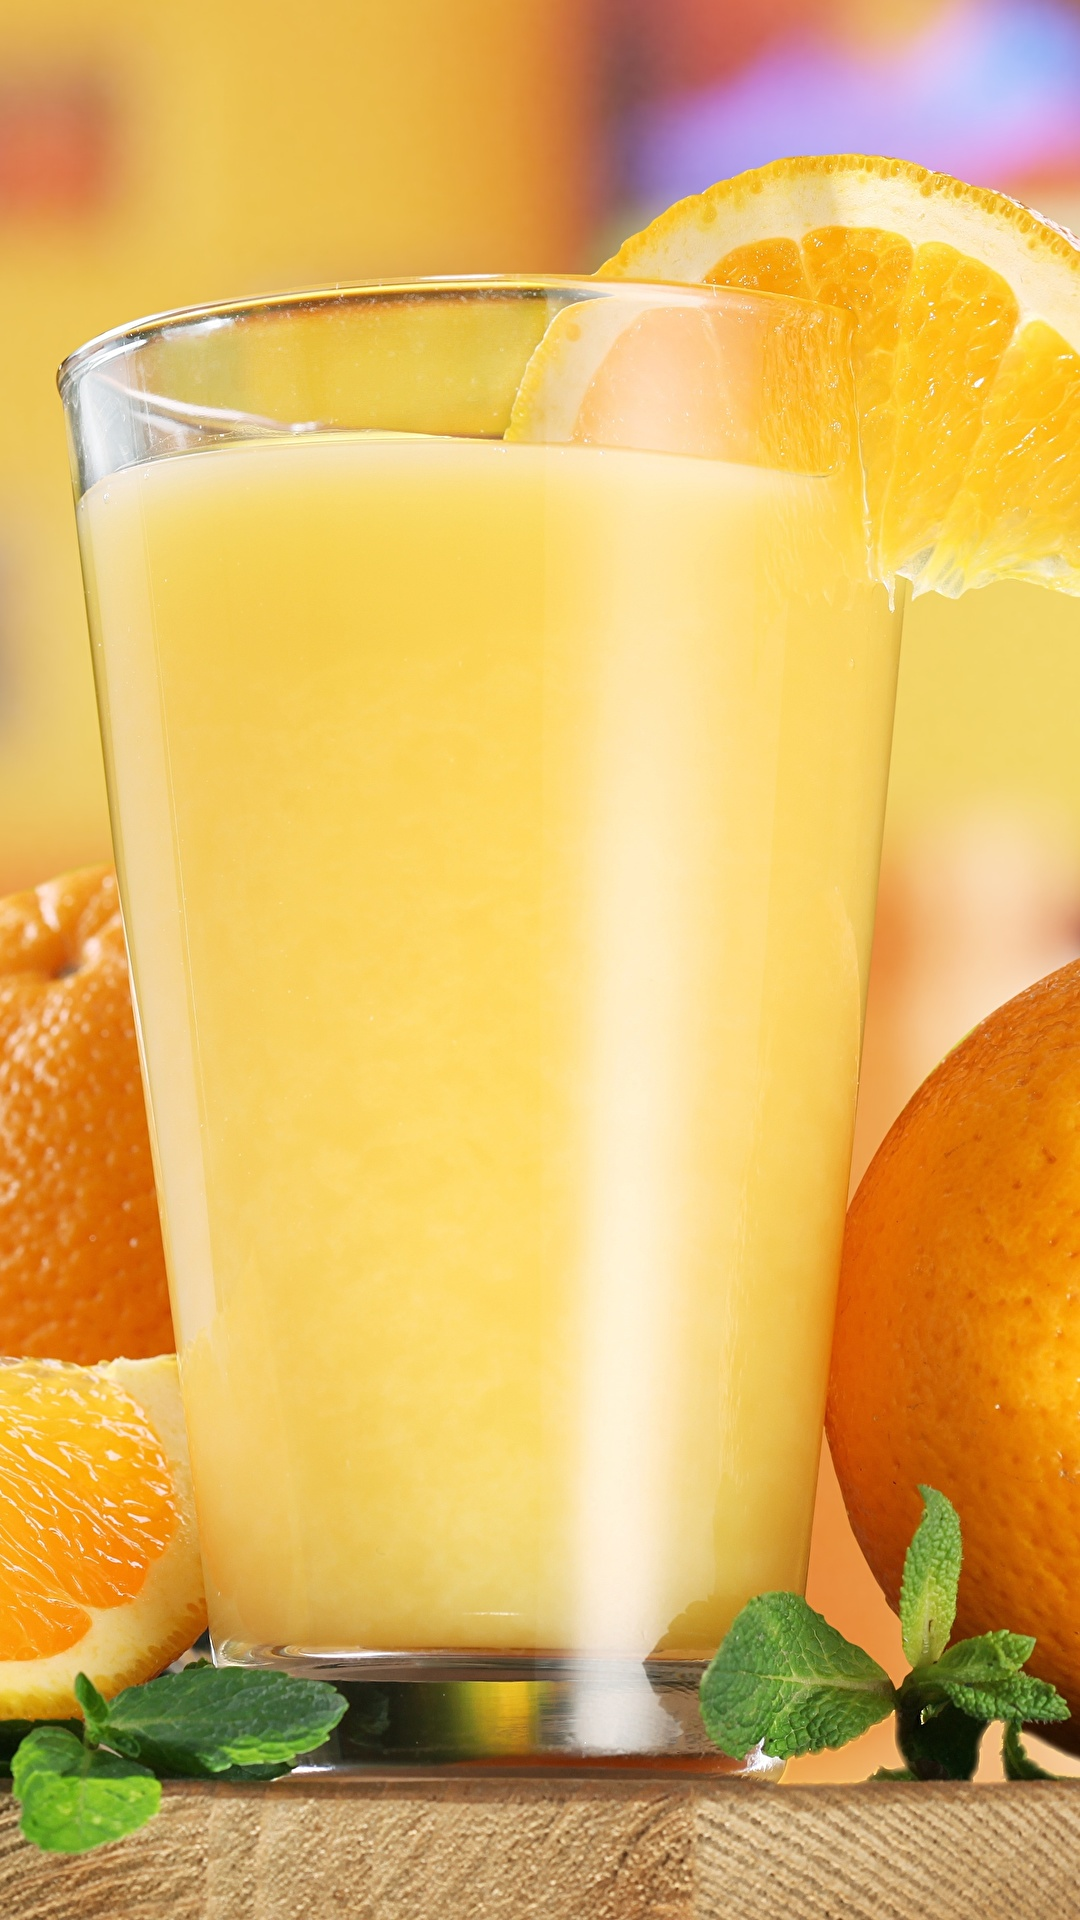 Обои для рабочего стола Сок Апельсин Стакан Еда 1080x1920 для мобильного телефона стакана стакане Пища Продукты питания